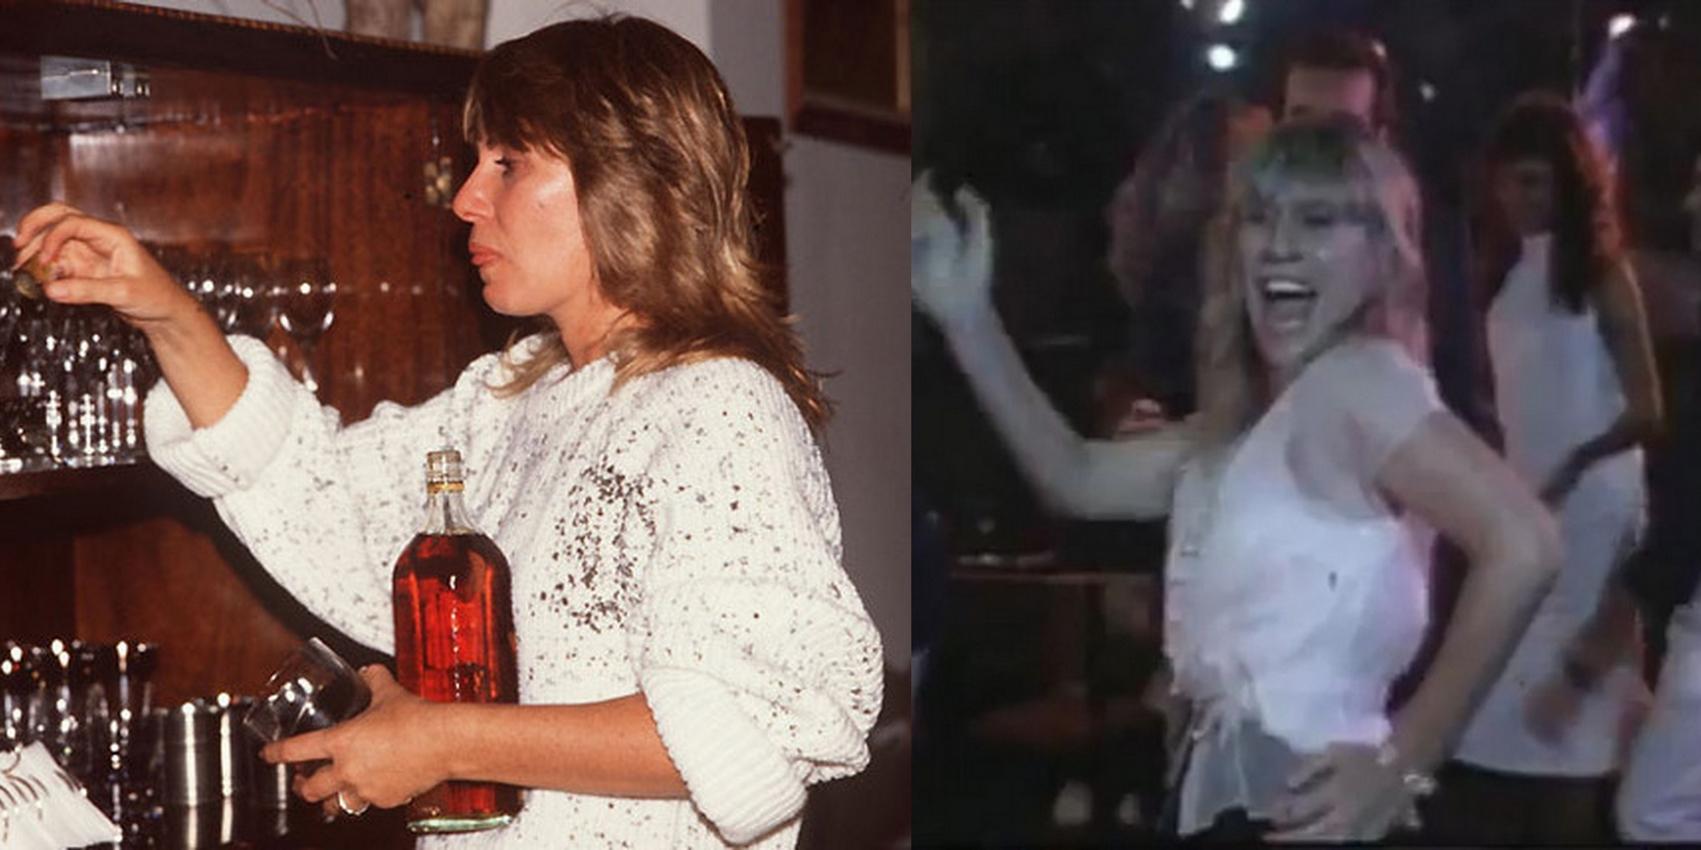 Repique o cabelo, capriche no look anos 80, tire aquela uma garrafa de uísque do fundo do armário e arrase como Heleninha, de Vale Tudo. Não esqueça de causar e pedir um mambo caliente pra banda do bloquinho!